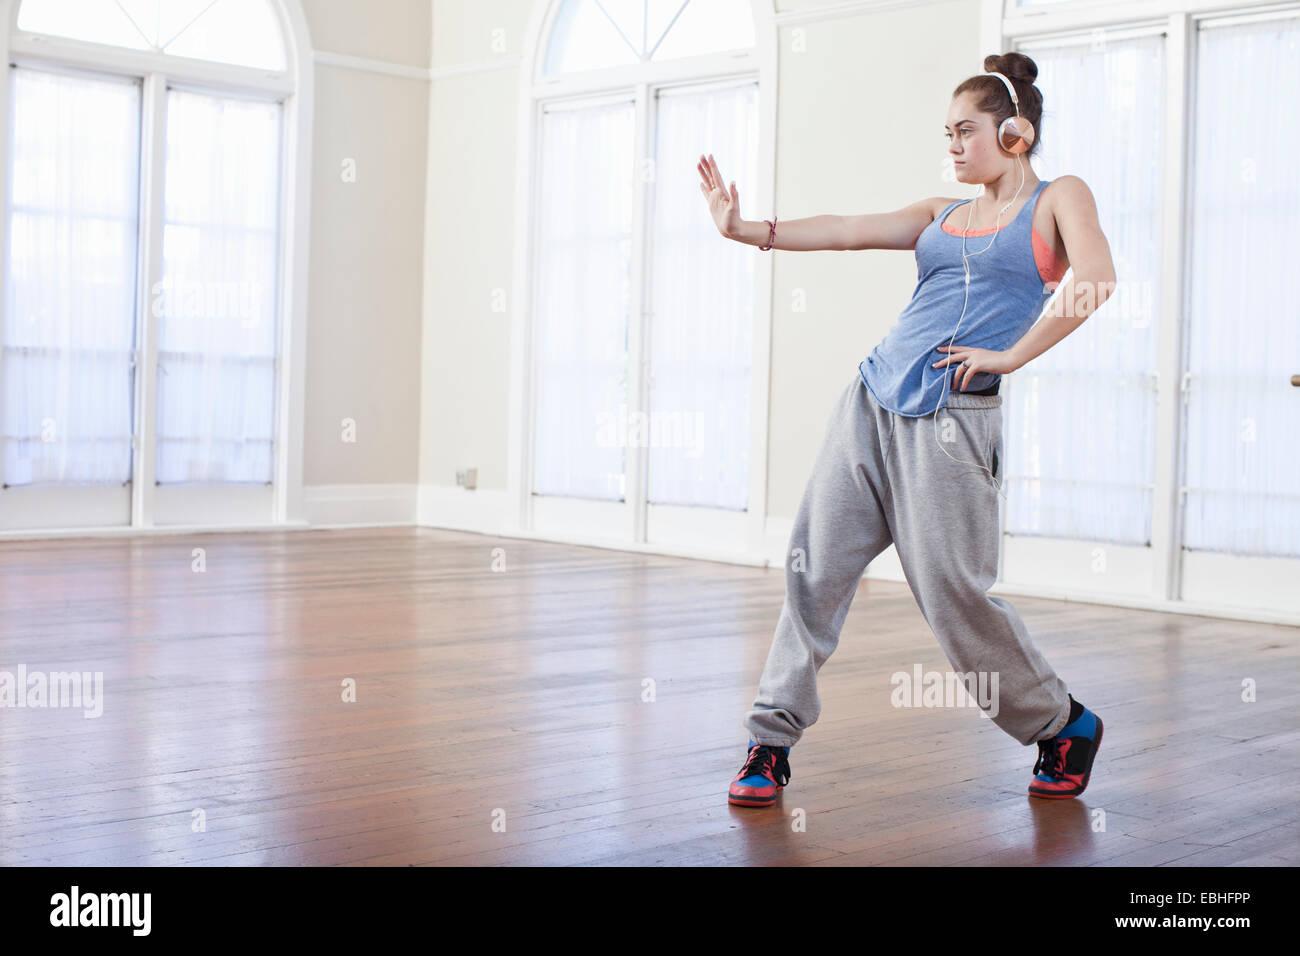 Ragazza adolescente in fase di riscaldamento con alternative dance nella scuola di danza Immagini Stock